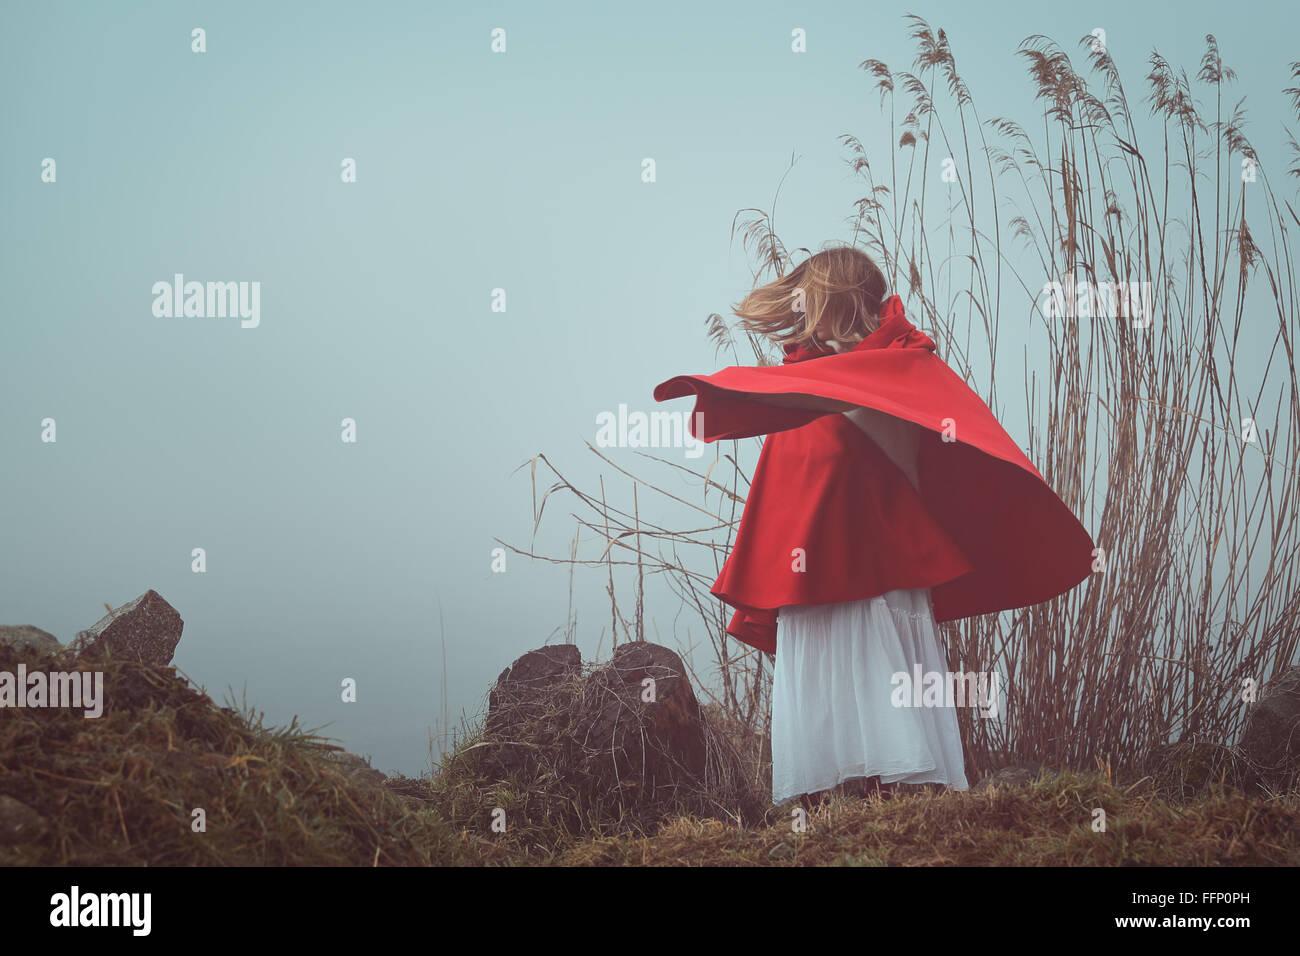 Dunkel und surreale Porträt einer rot mit Kapuze Frau. Trauer und Einsamkeit konzeptionellen Stockbild